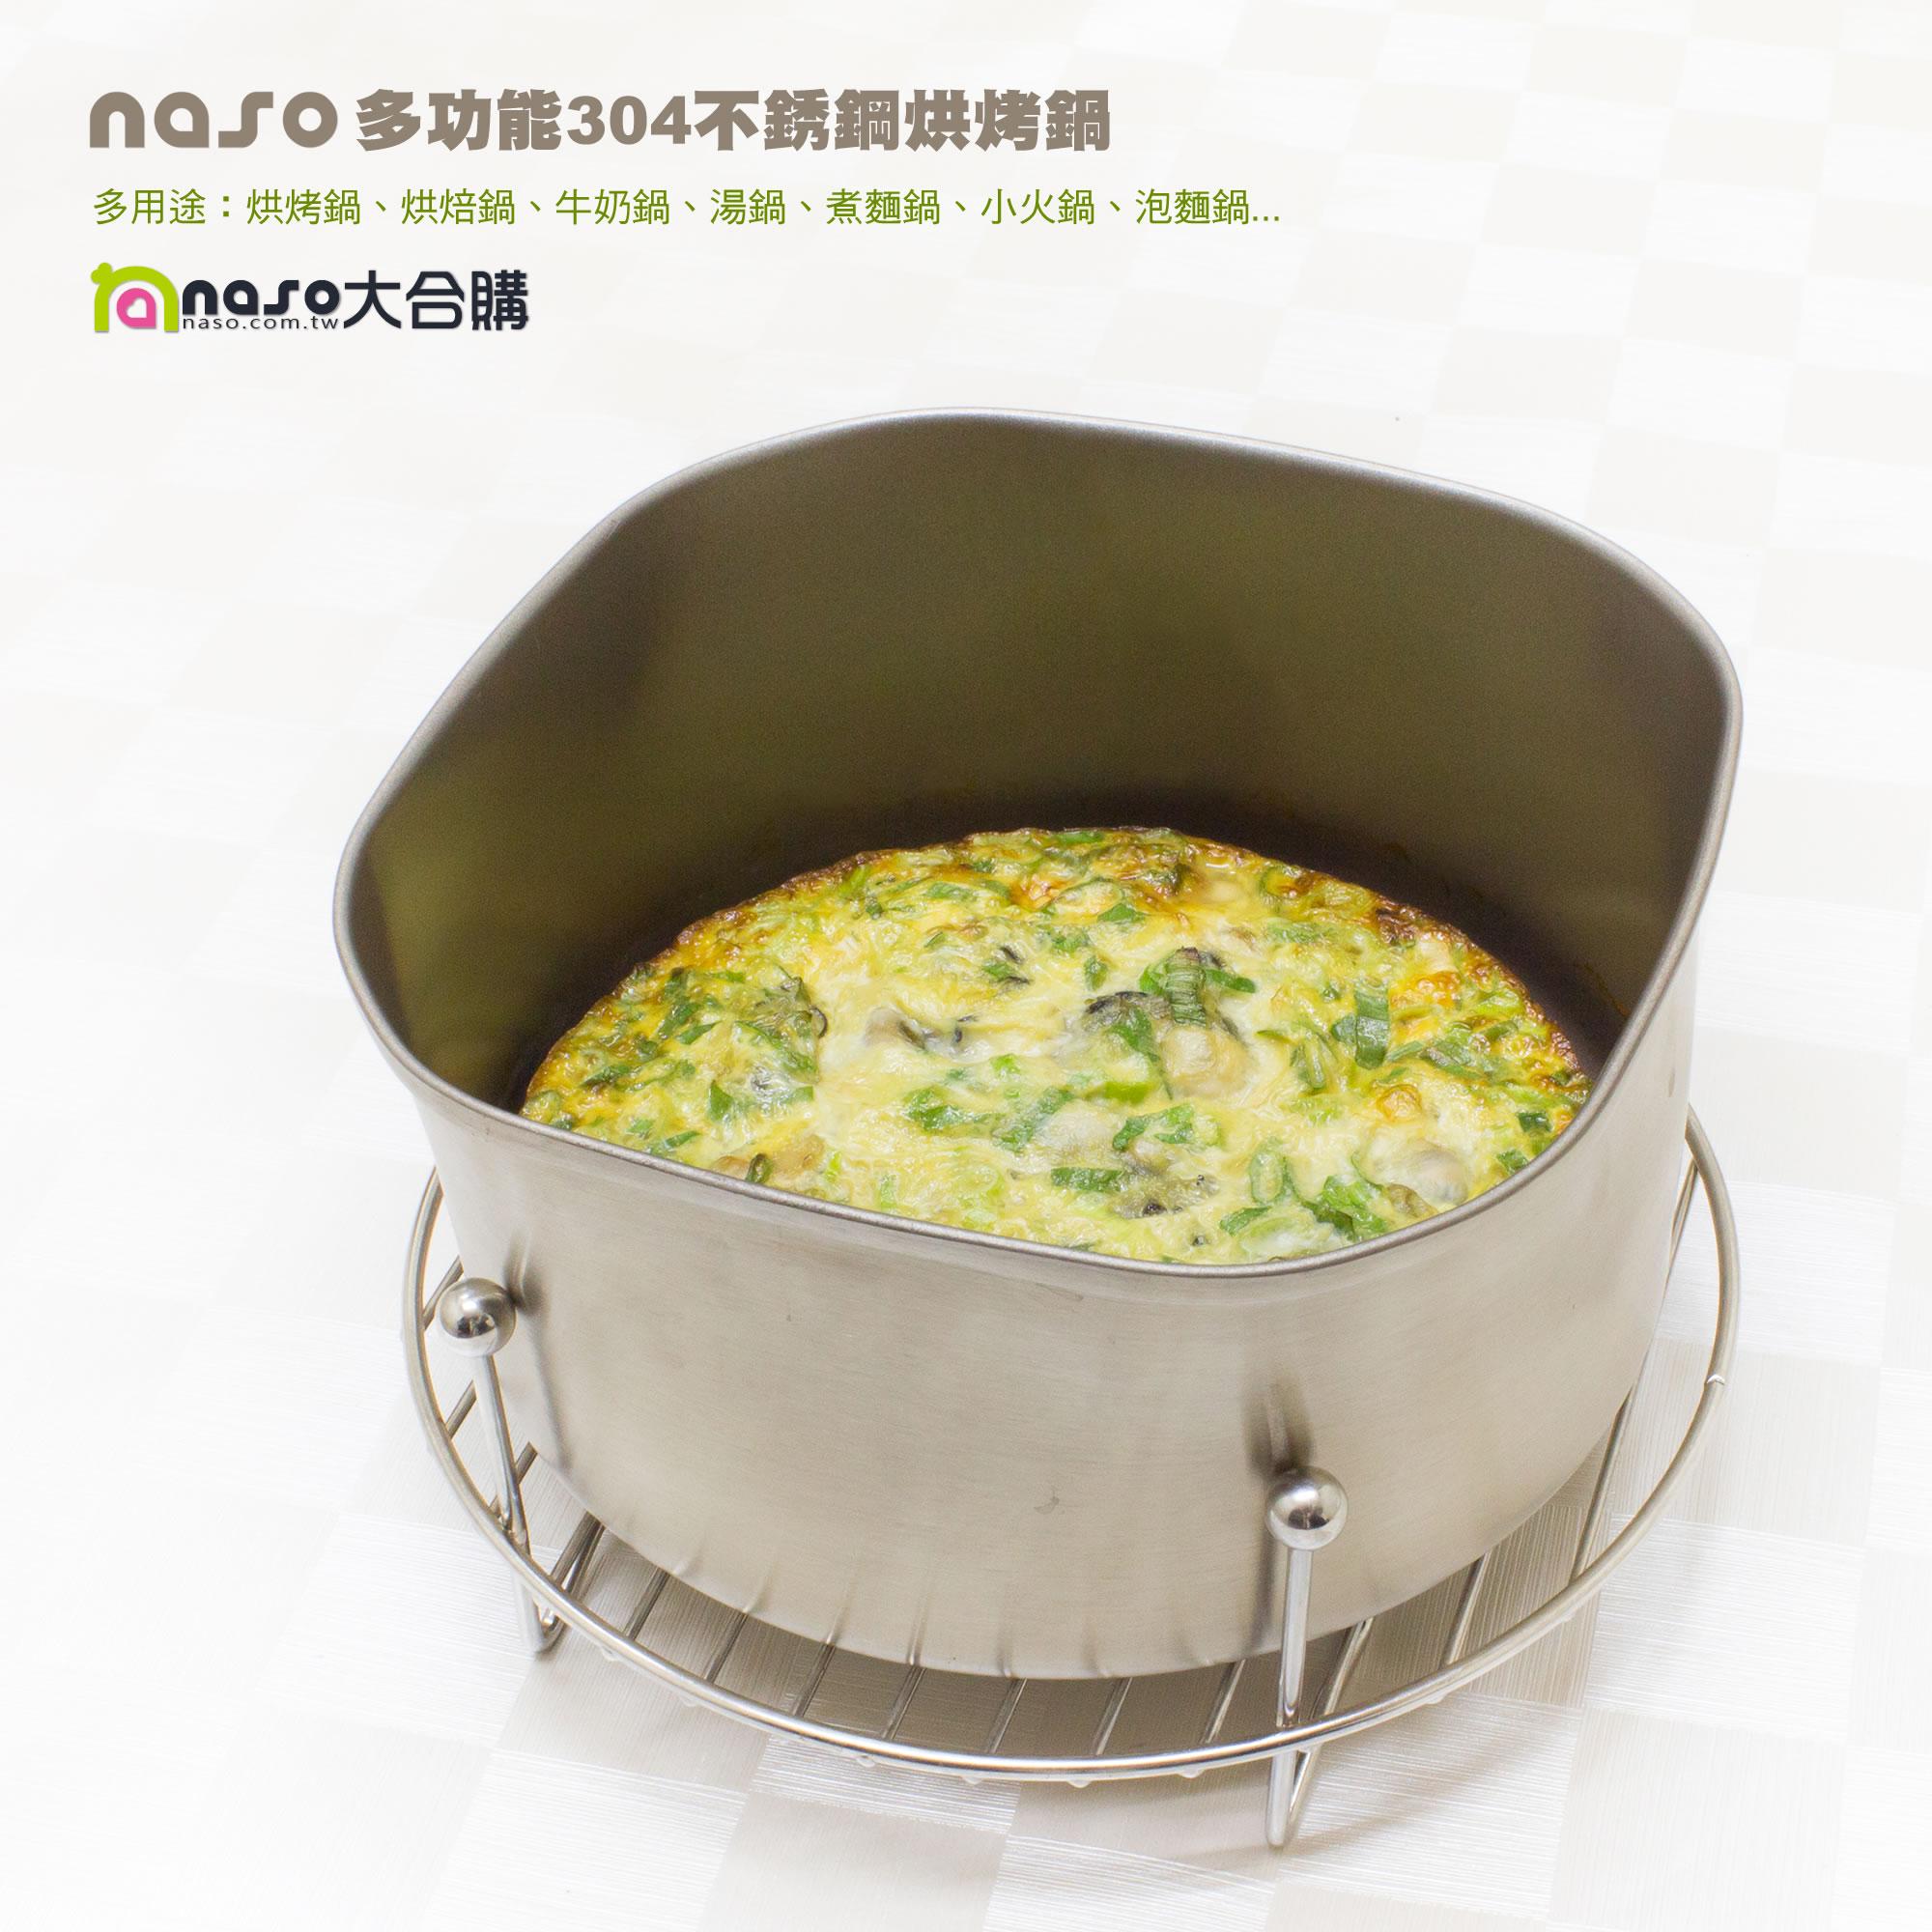 naso多功能304不銹鋼烘烤鍋 好評第16團